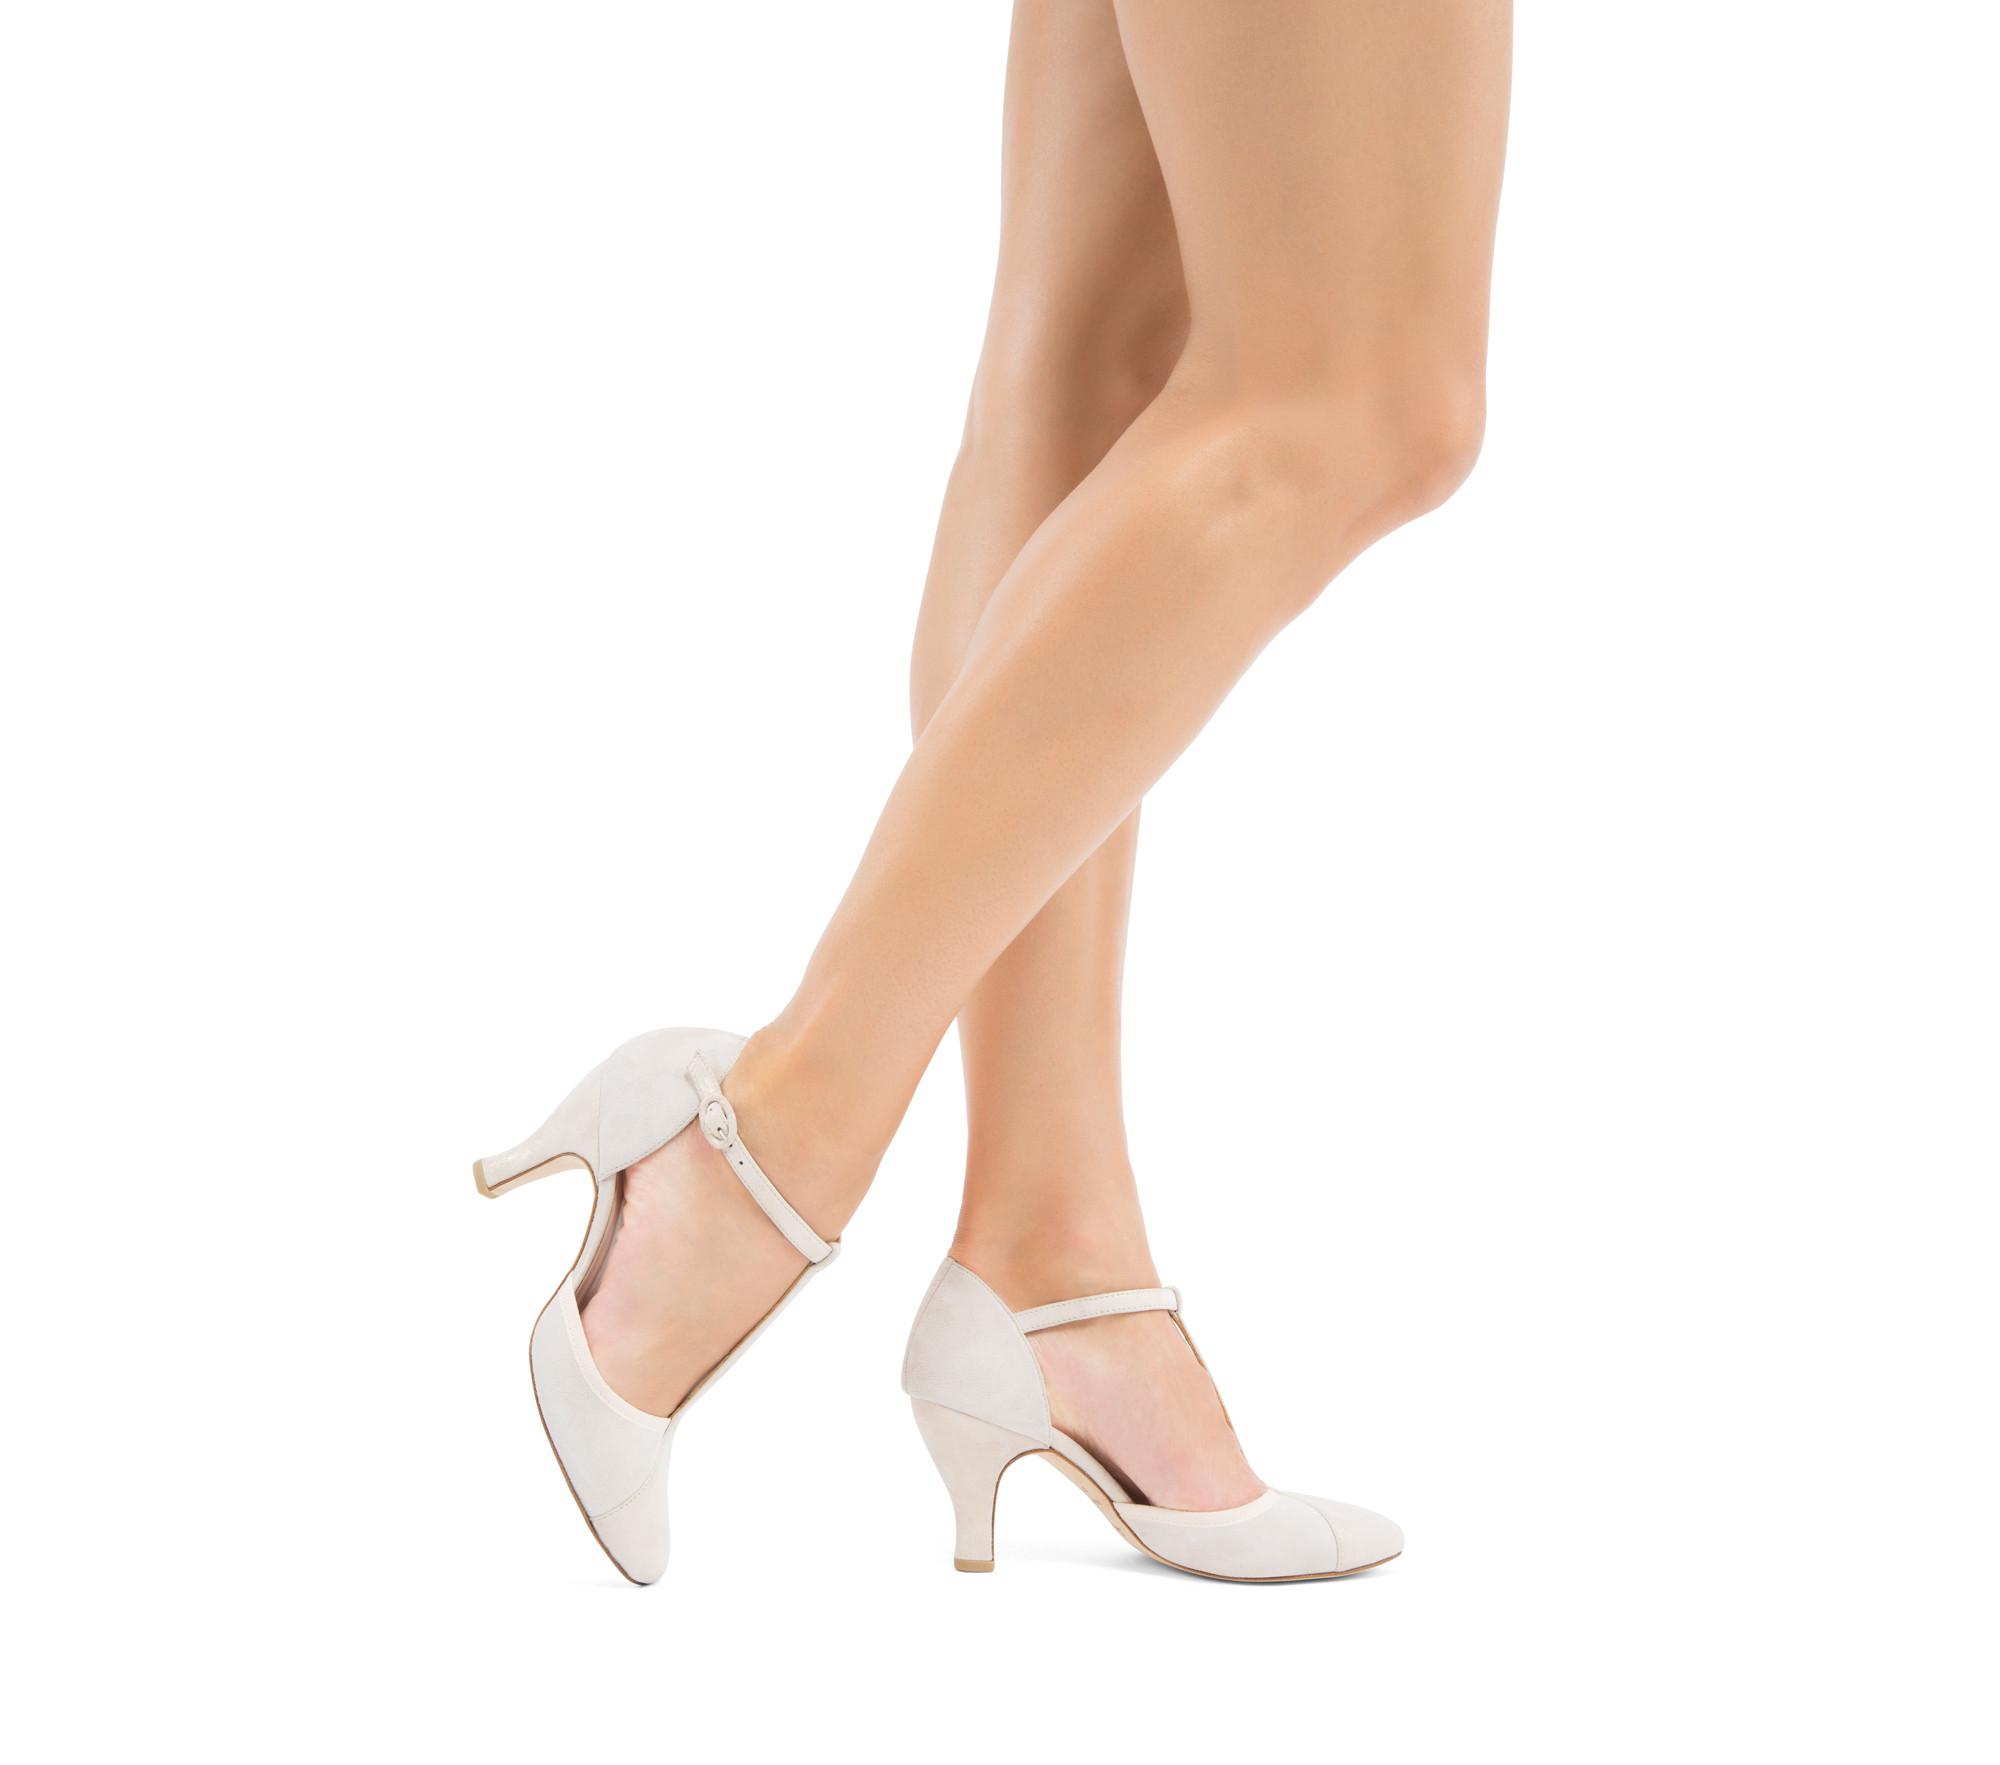 Baya T-strap shoes